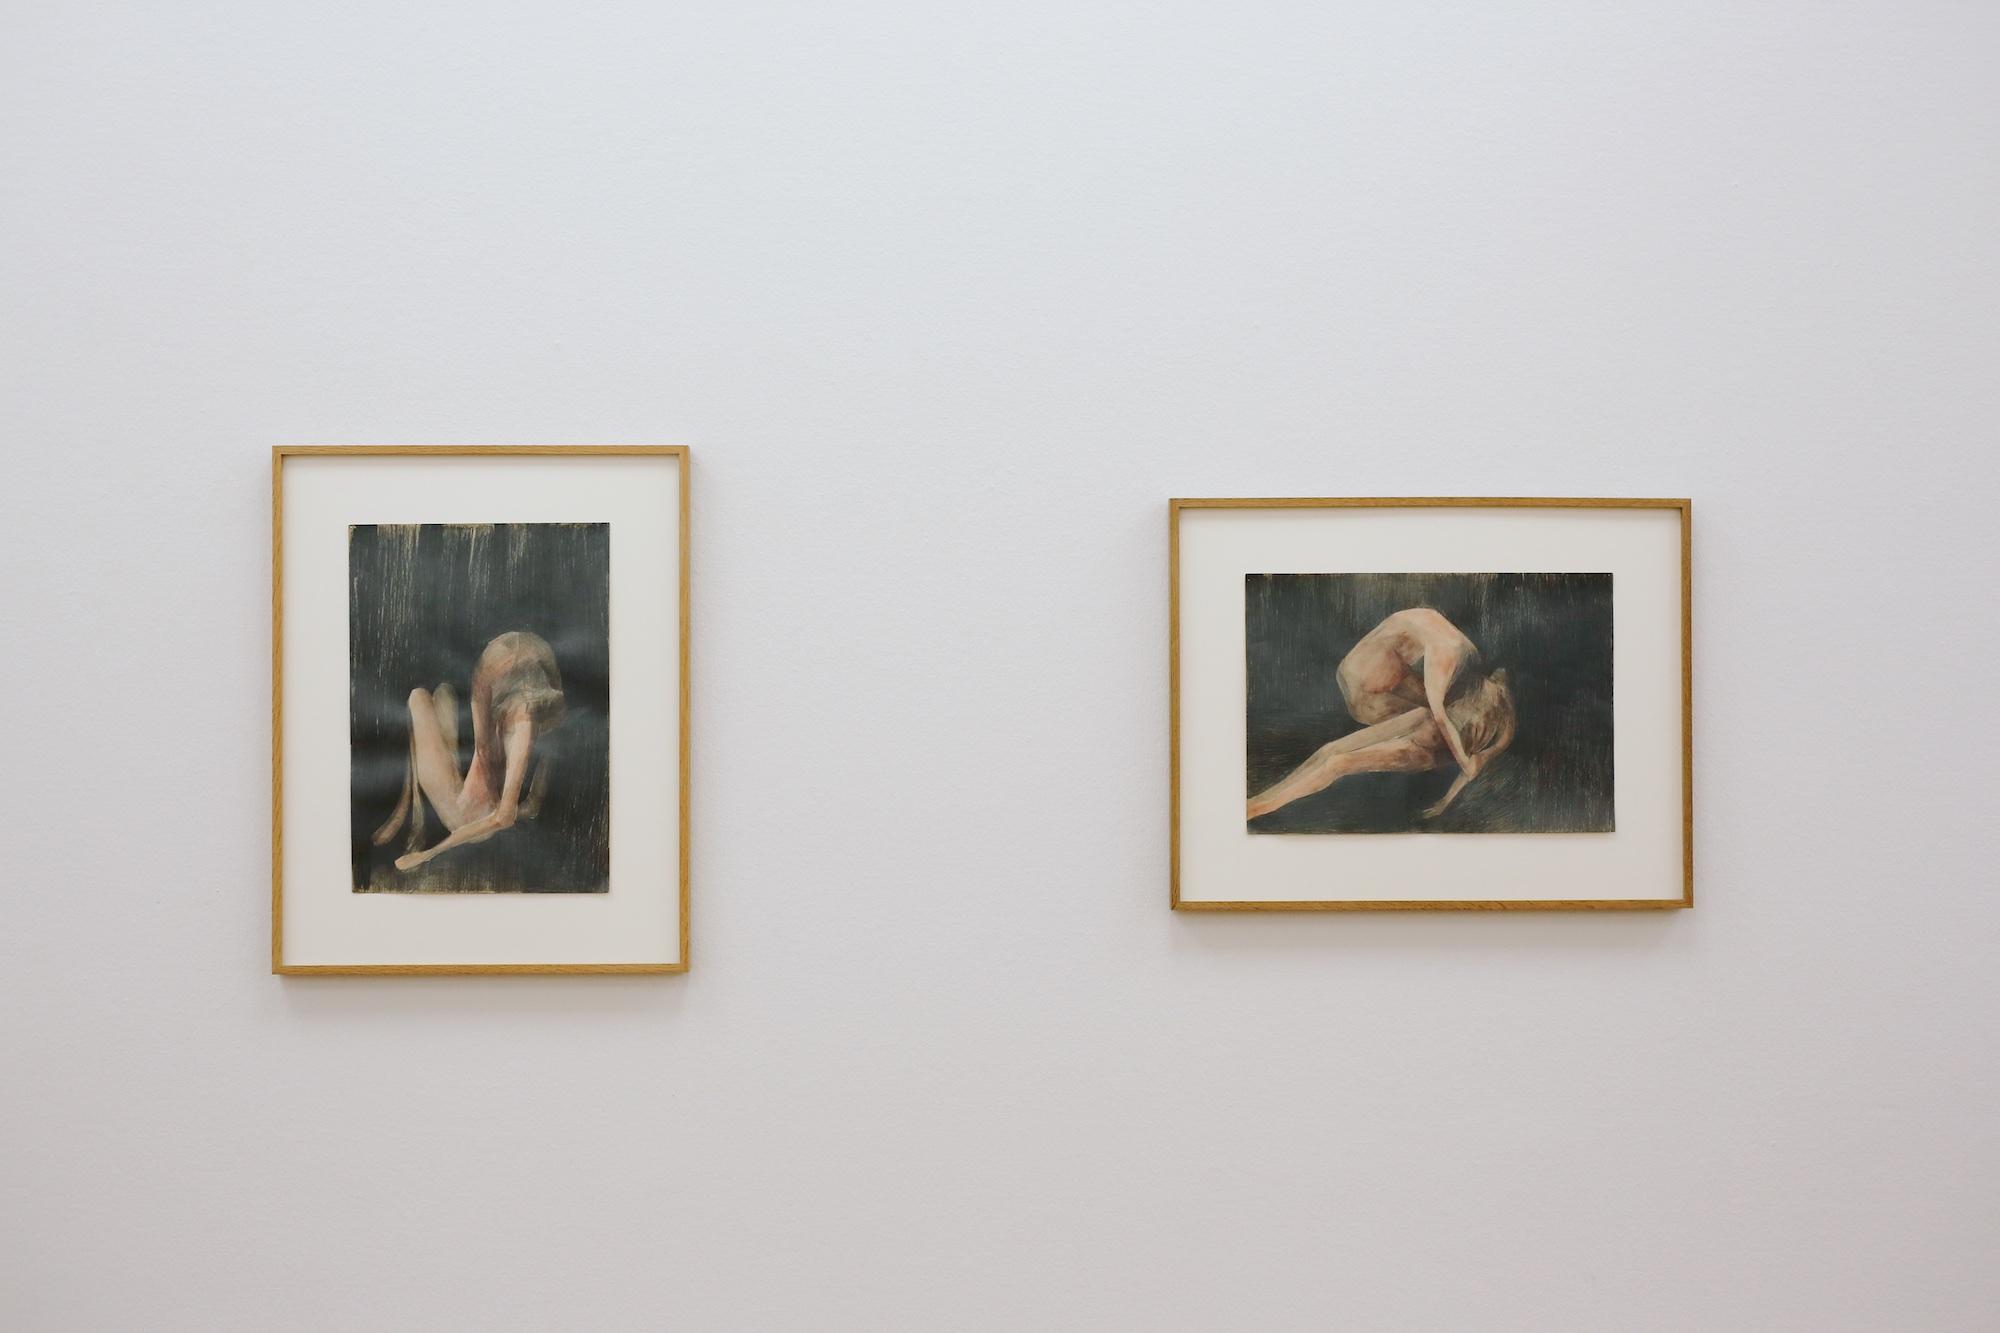 BERLINDE DE BRUYCKERE at Gemeentemuseum © Pulp Collectors 2 (2)